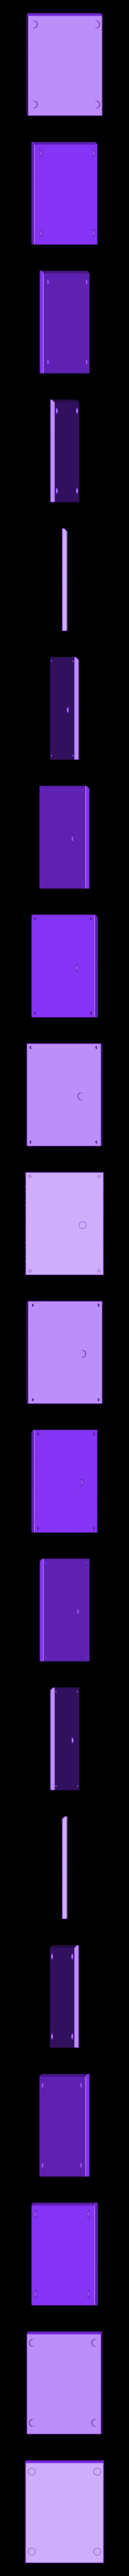 door_photoframe_103_base.stl Télécharger fichier STL gratuit Cadre photo de porte • Objet pour impression 3D, tofuji